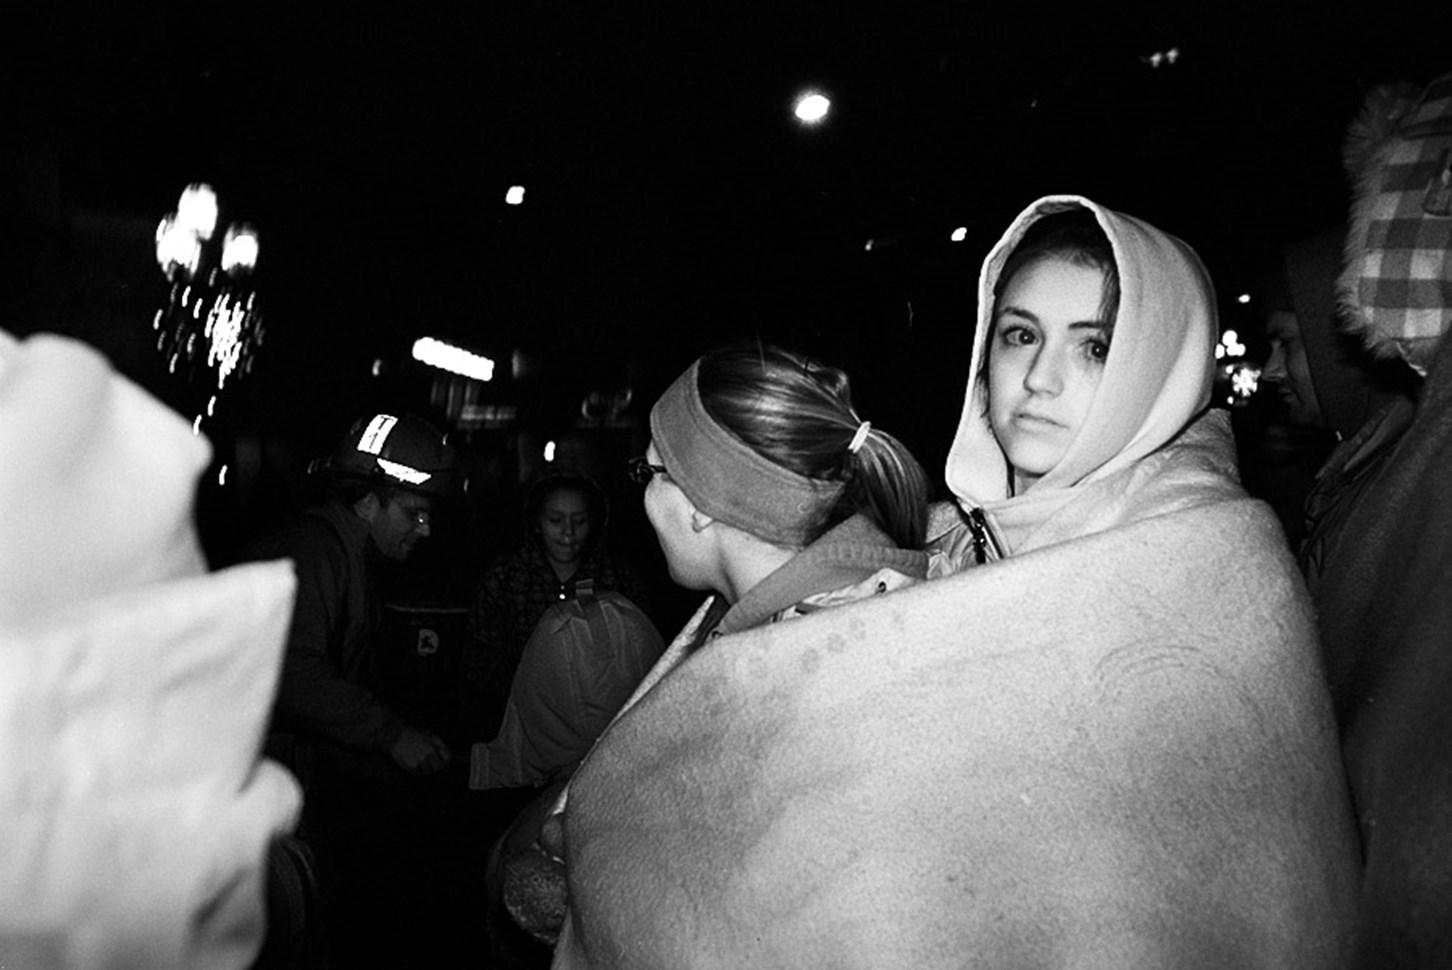 Girls In A Blanket